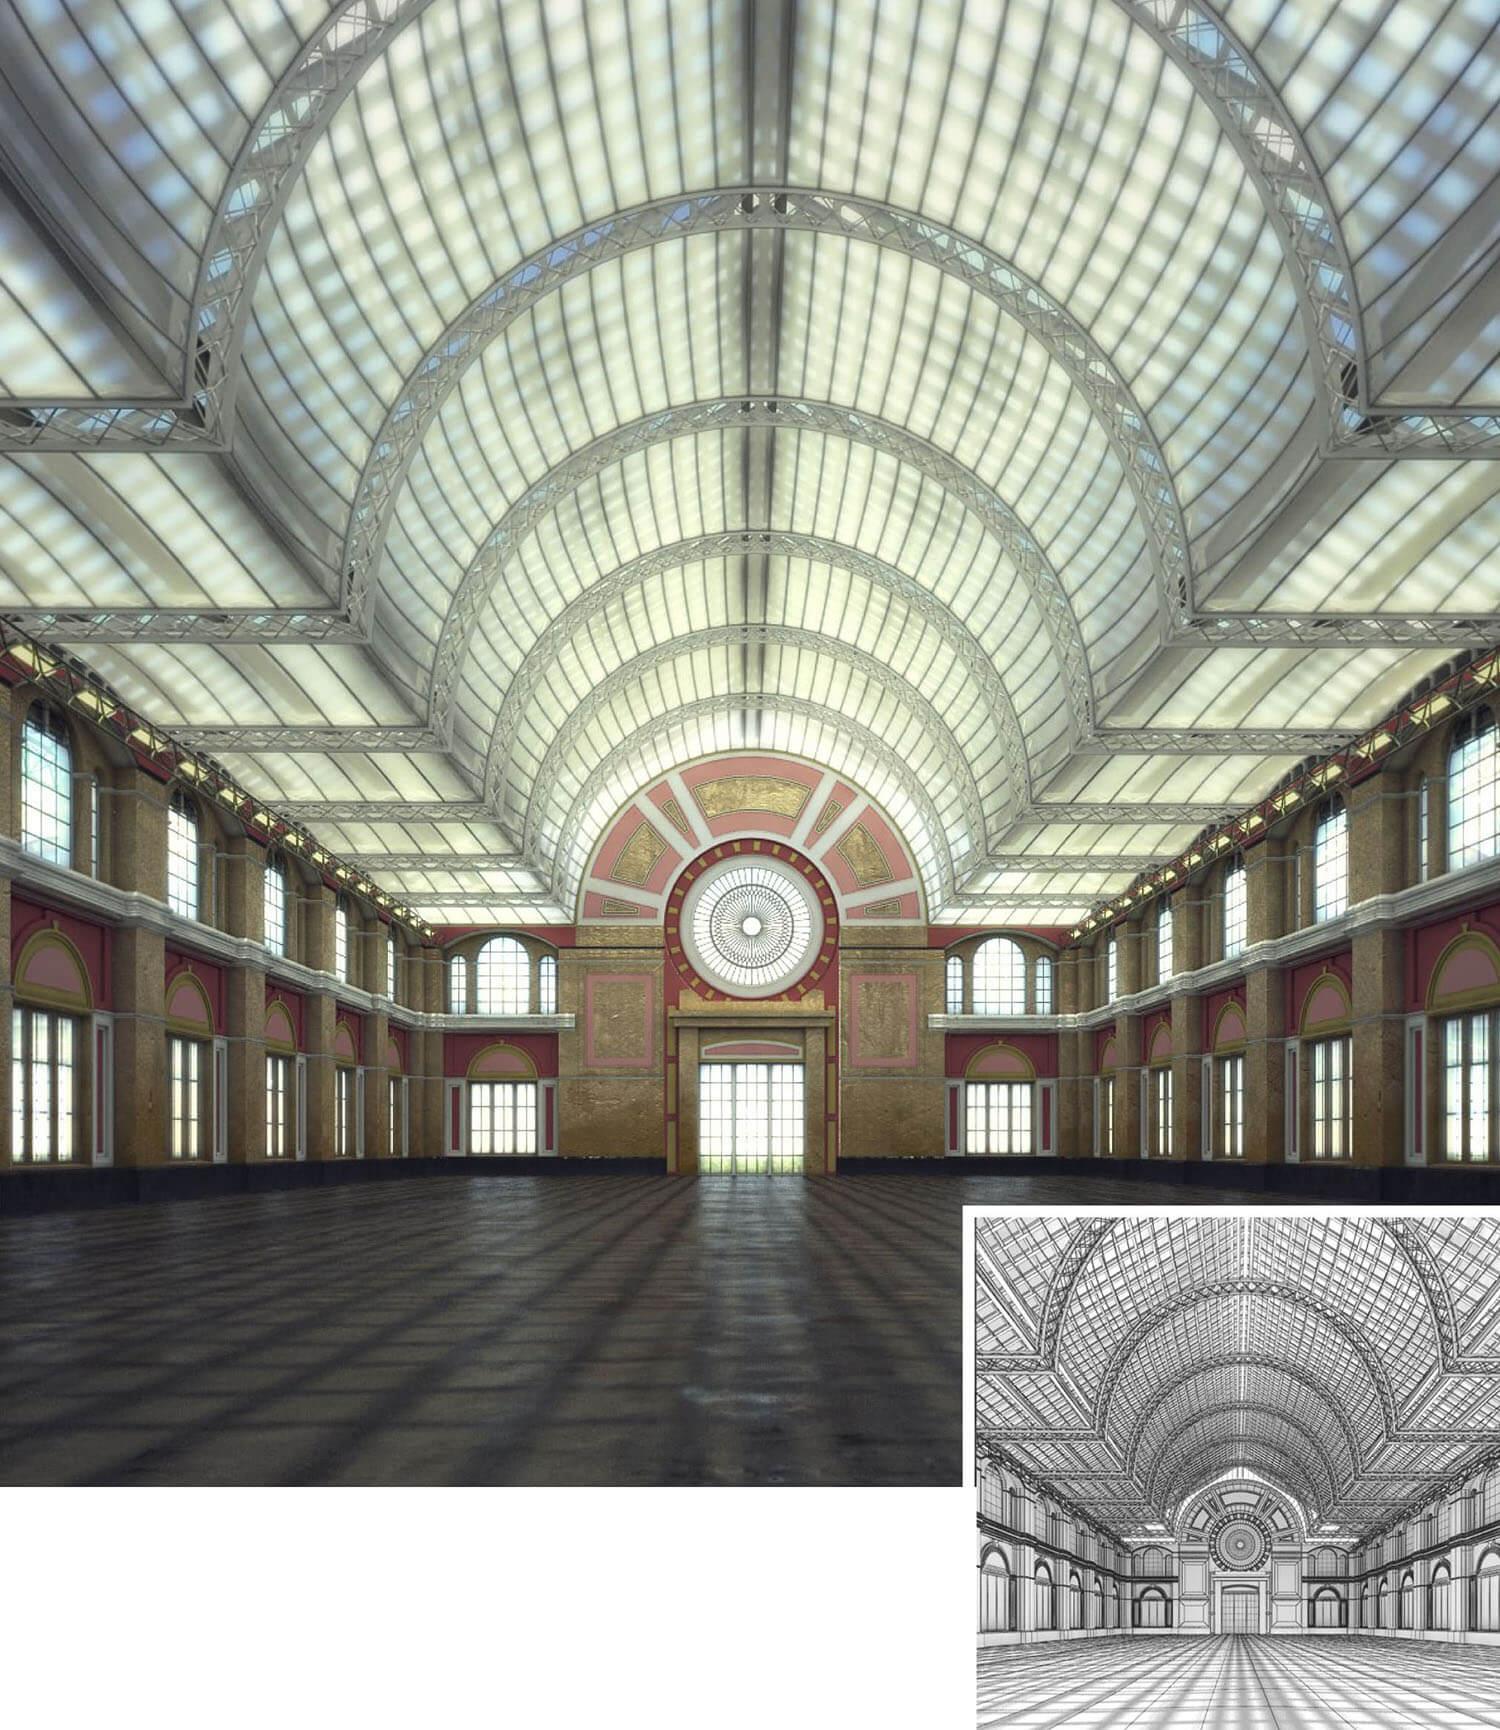 Thiết kế không gian đại sảnh đẹp dạng vòm Italy